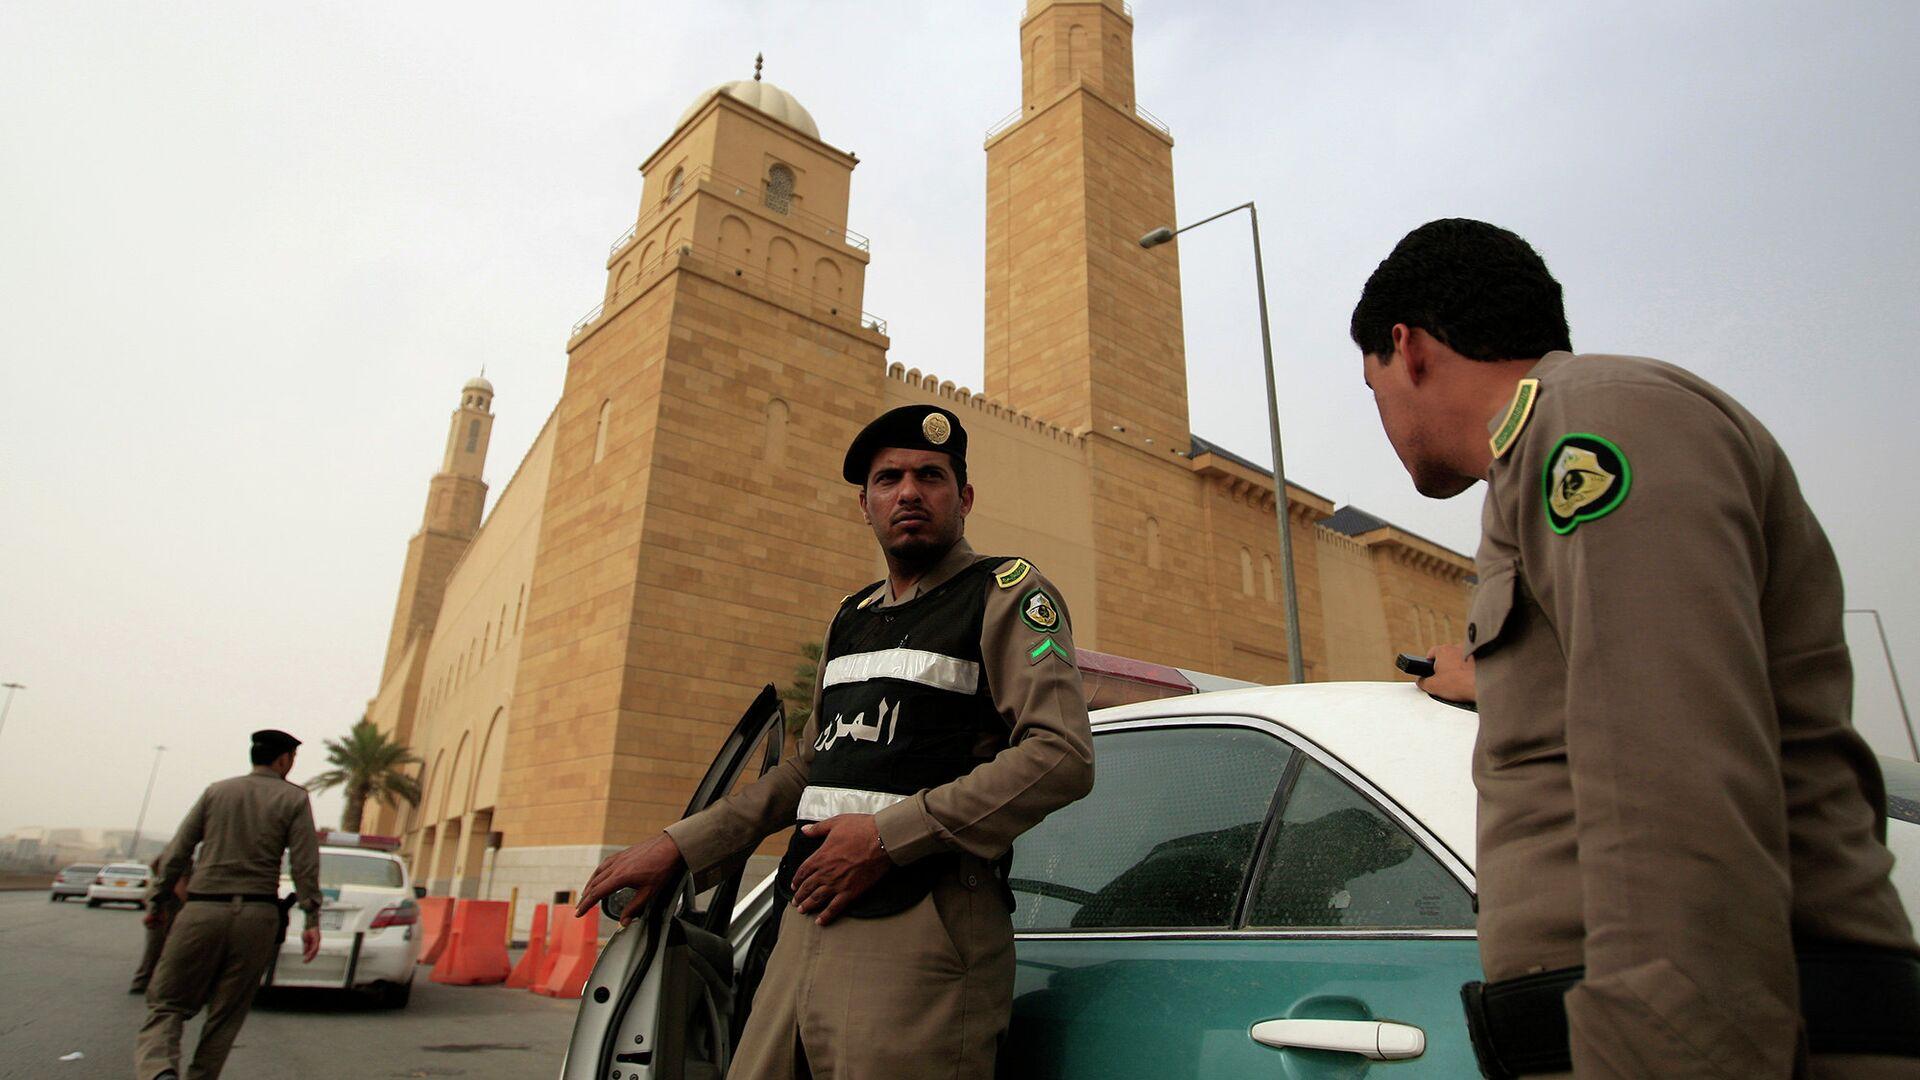 Сотрудники полиции Саудовской Аравии - РИА Новости, 1920, 26.01.2021